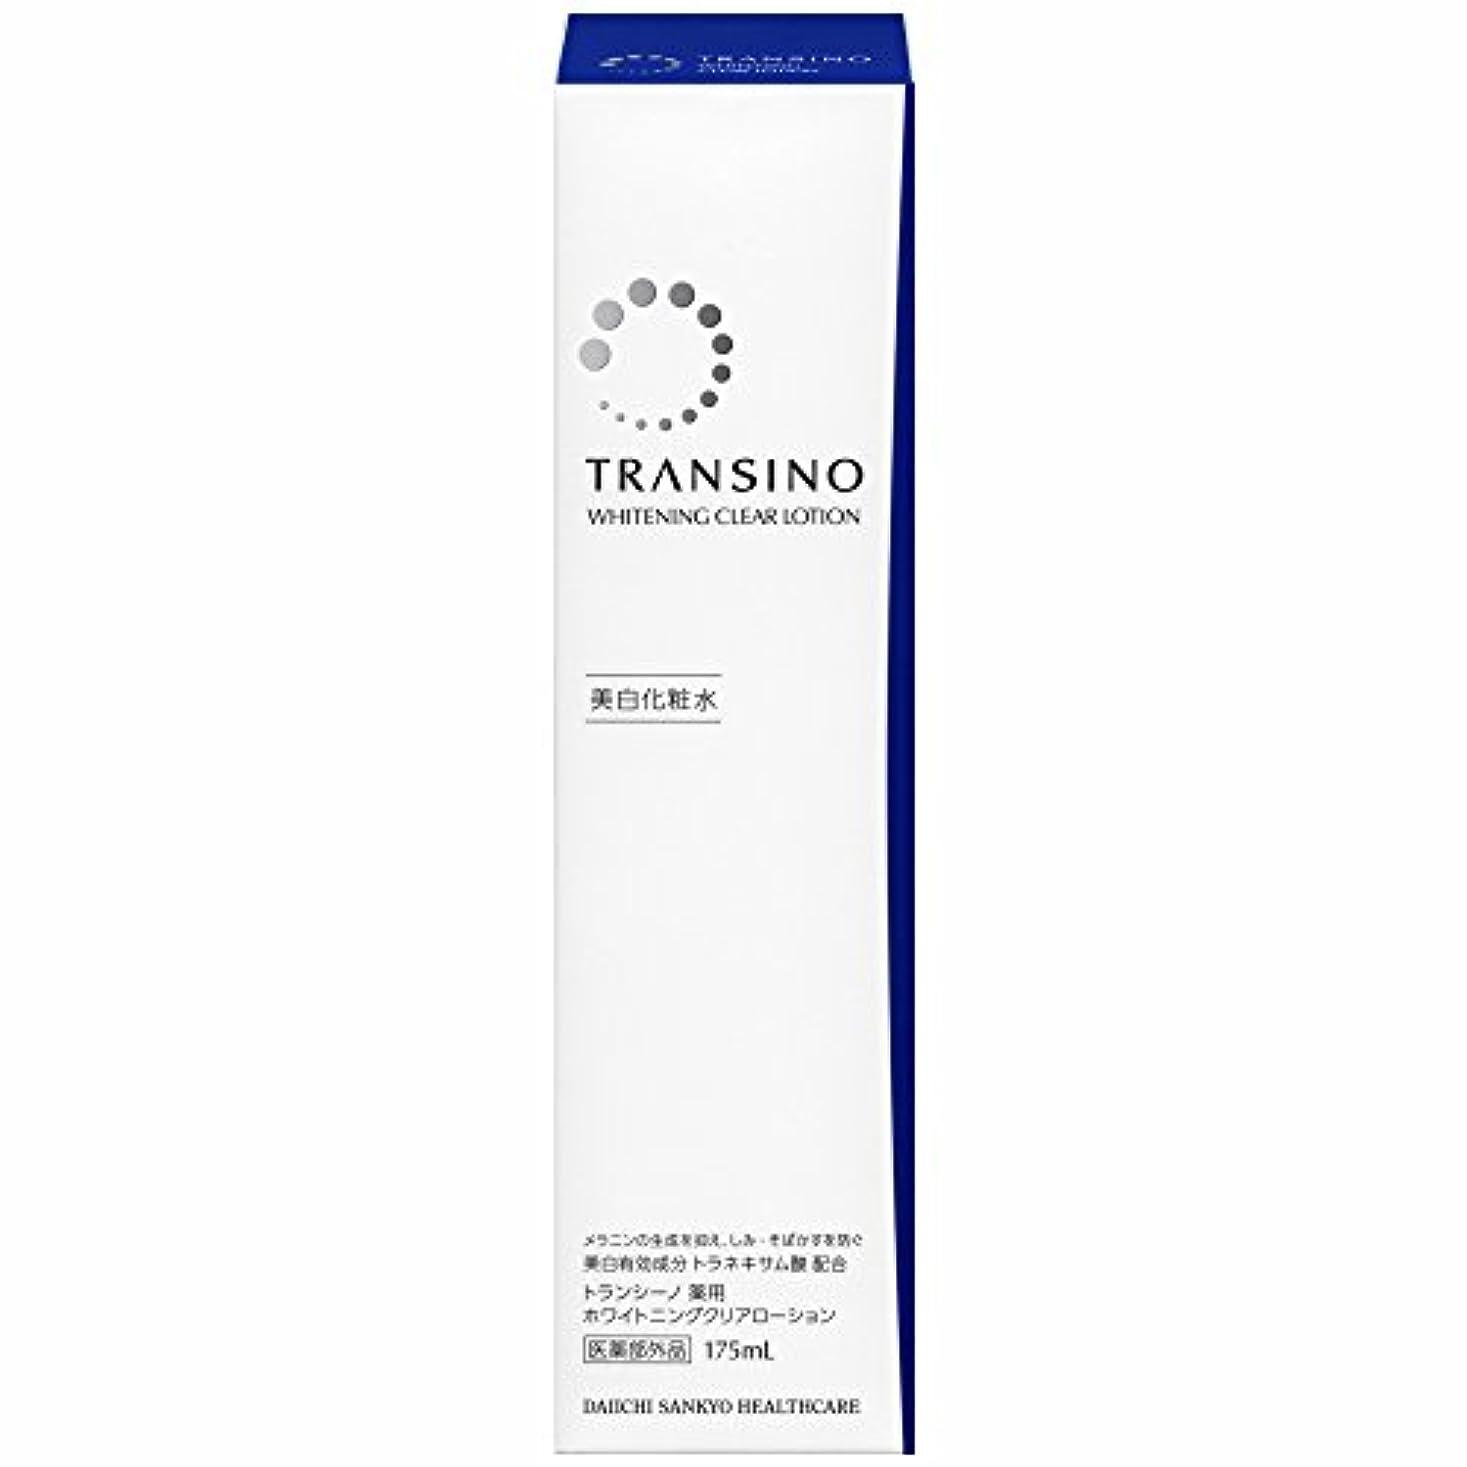 第一三共ヘルスケア トランシーノ 薬用ホワイトニングクリアローション 175mL 【医薬部外品】